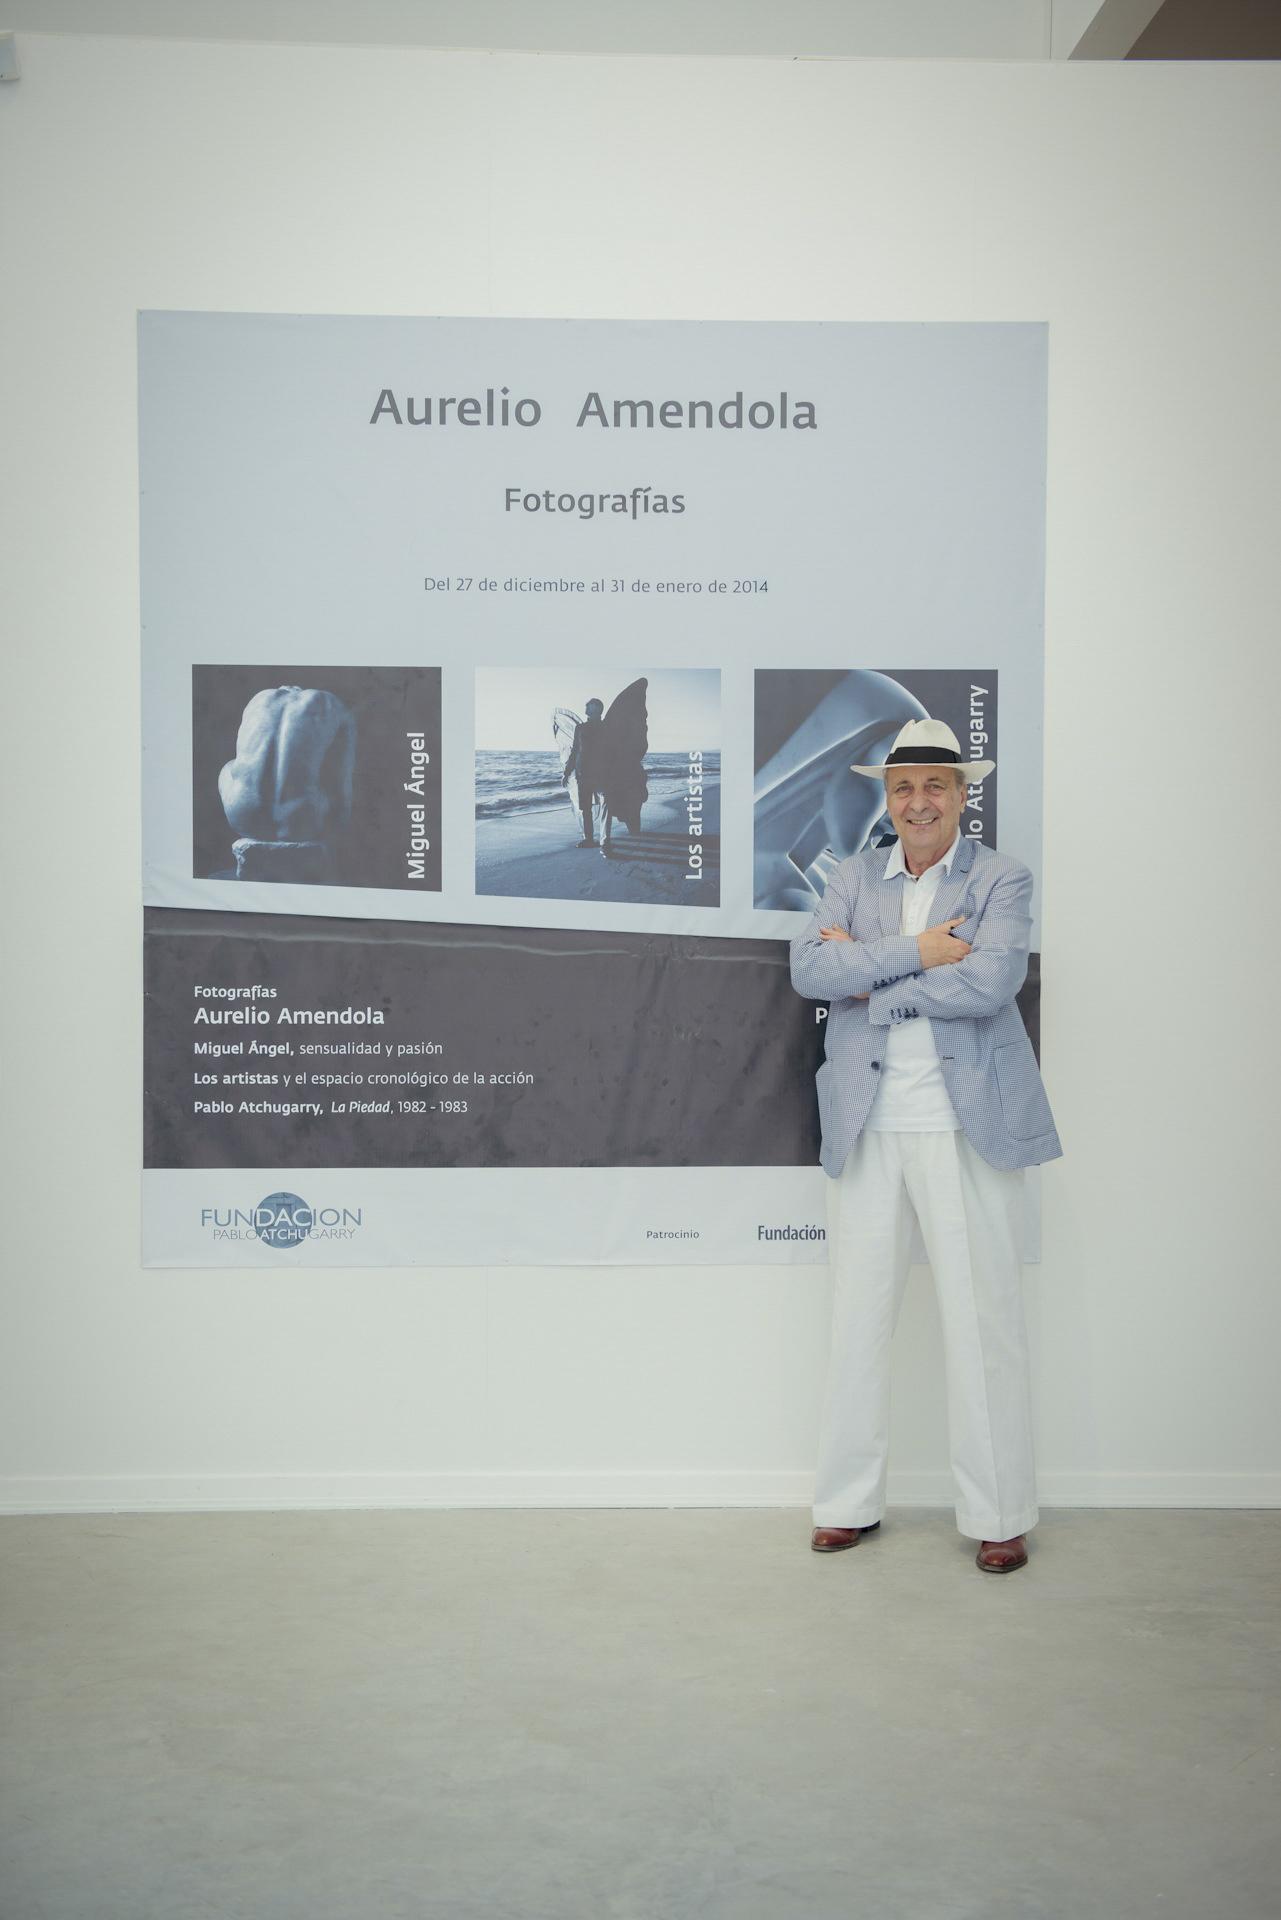 Aurelio Amendola - fPA